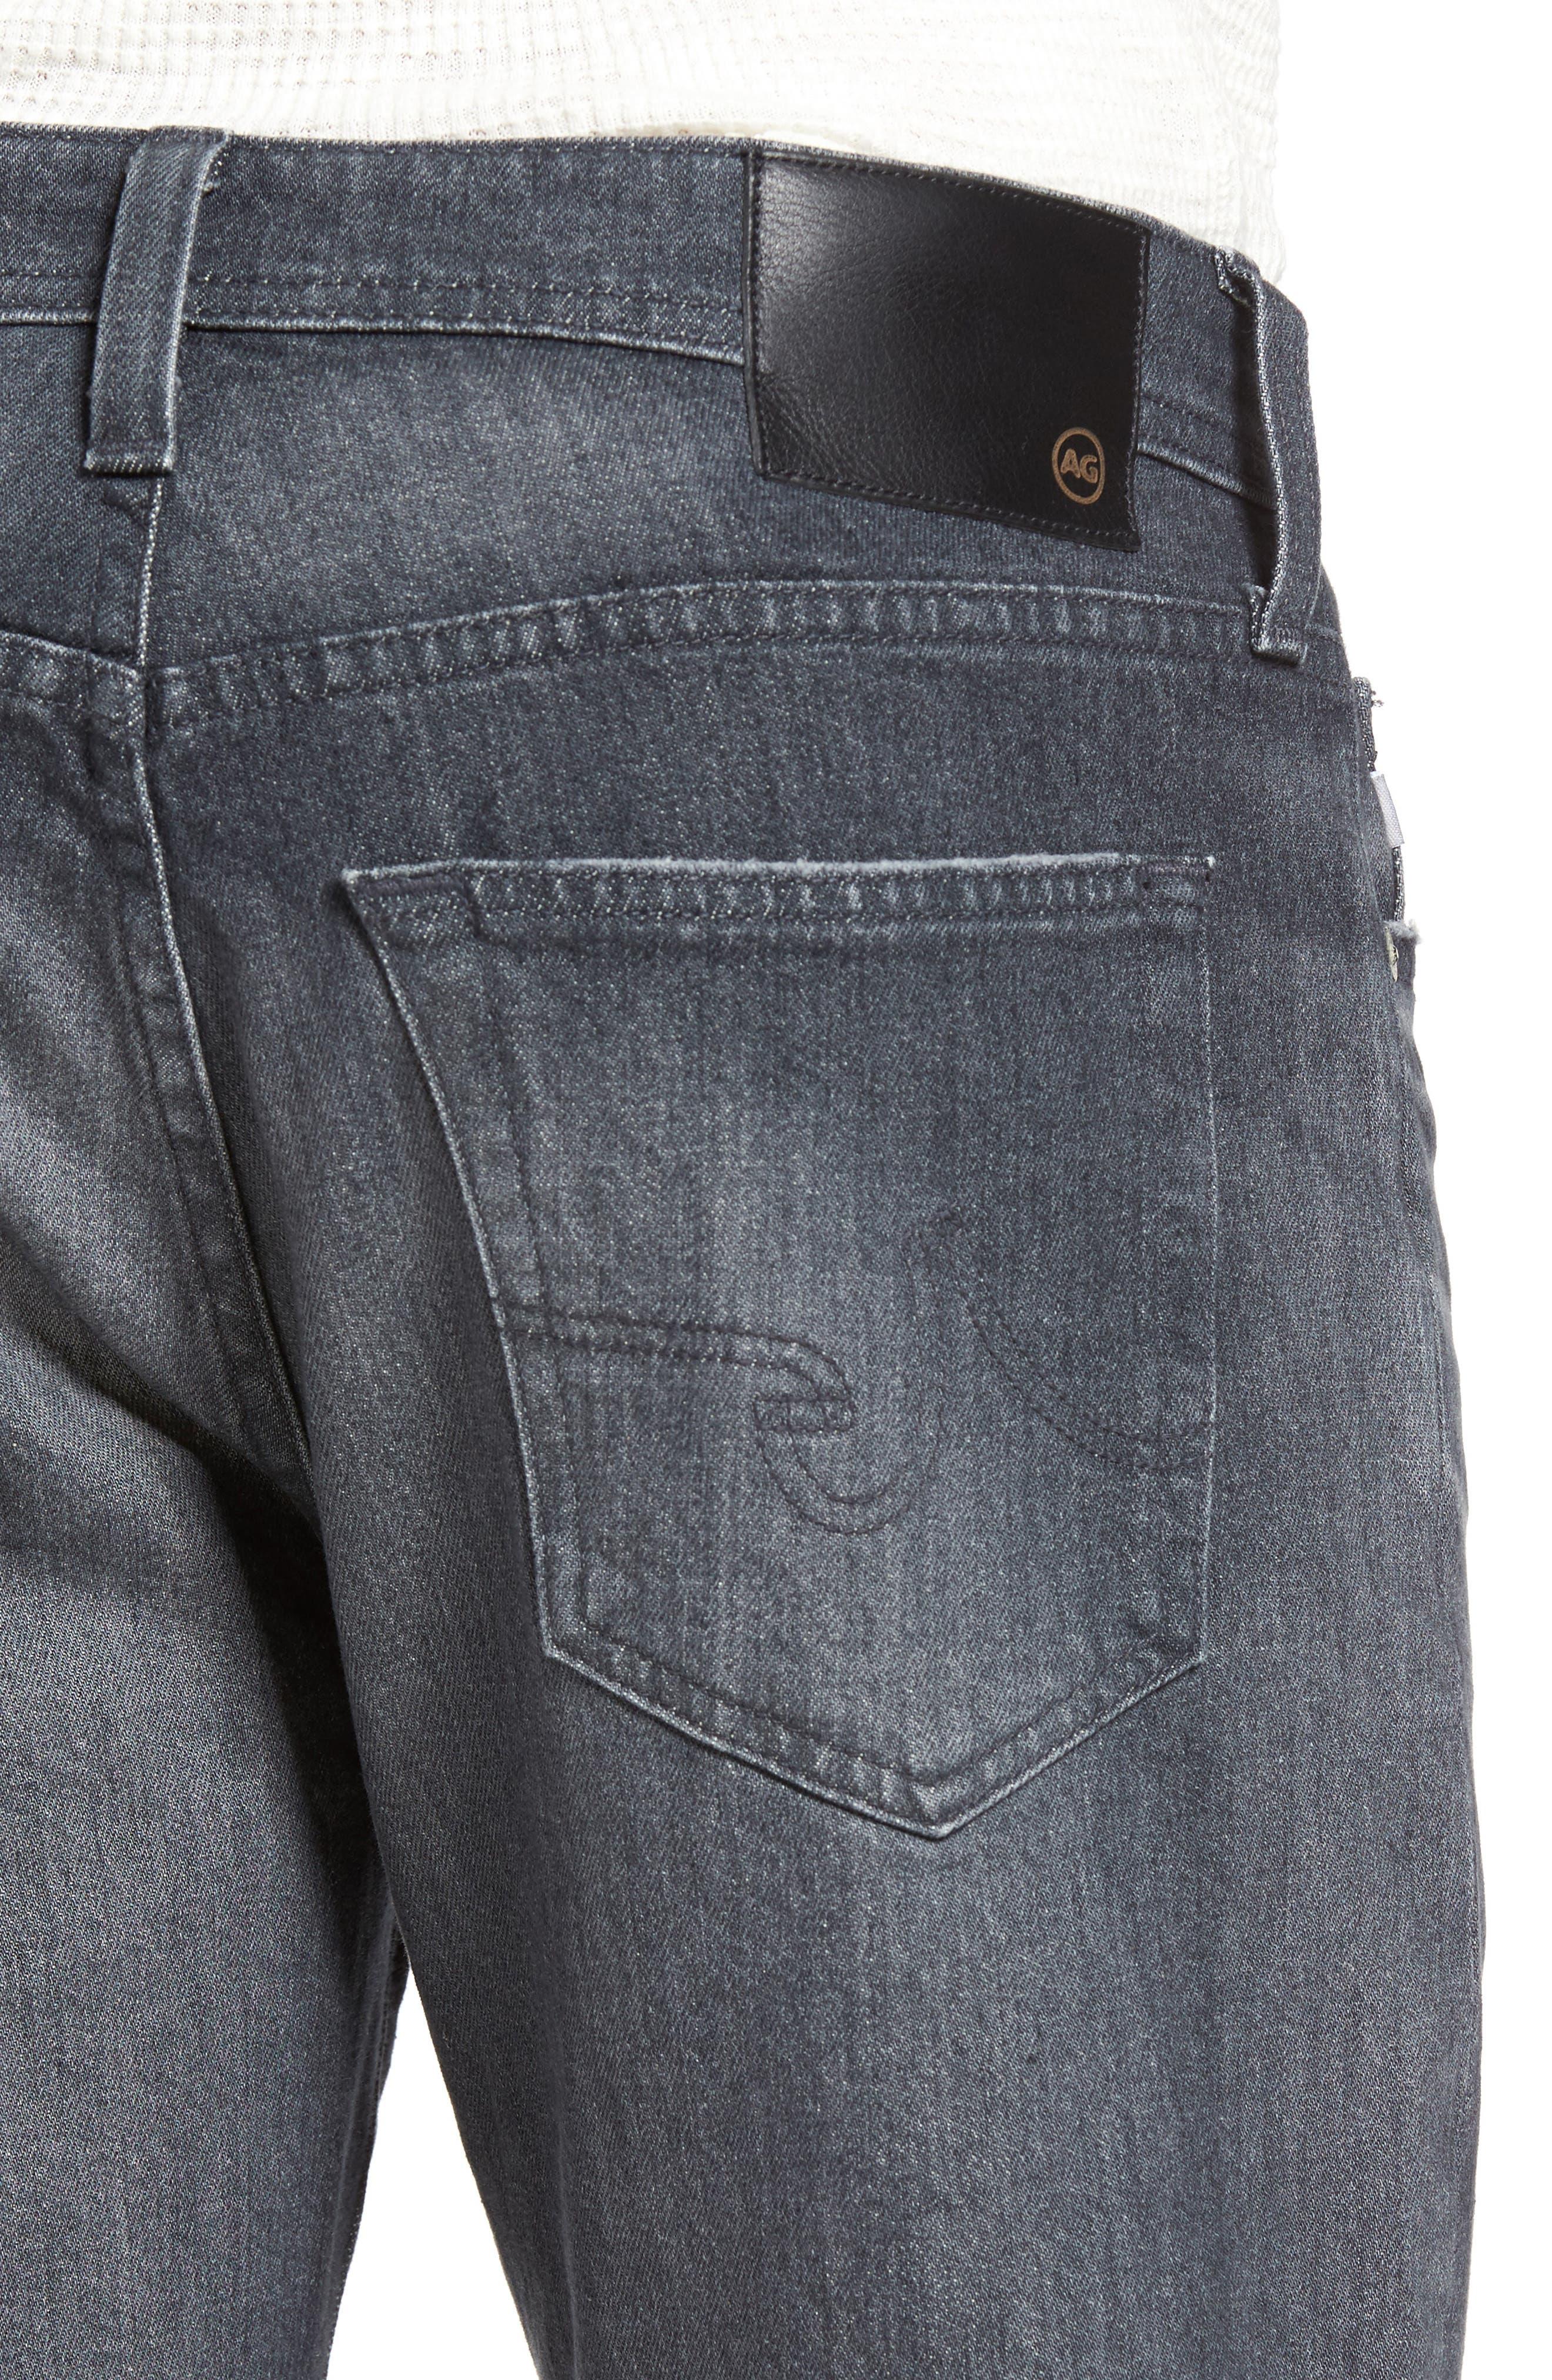 Everett Slim Straight Leg Jeans,                             Alternate thumbnail 4, color,                             023